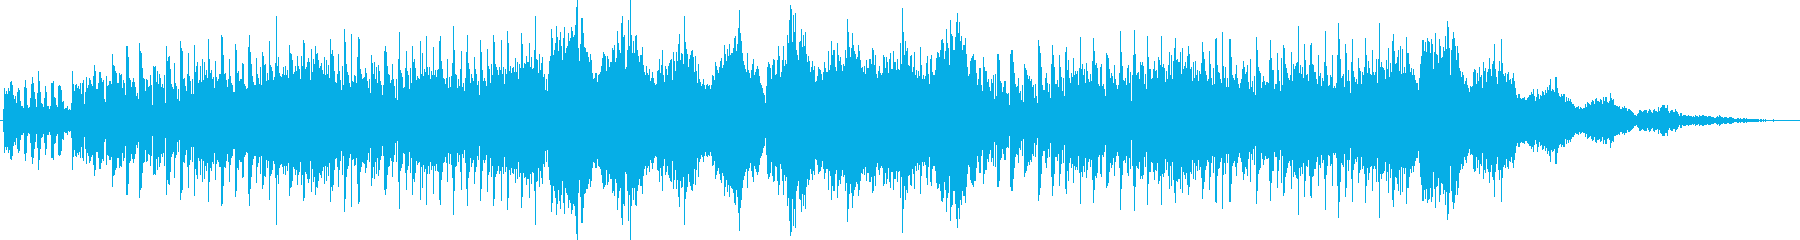 マーチングバンドによるわくわく明るい曲の再生済みの波形